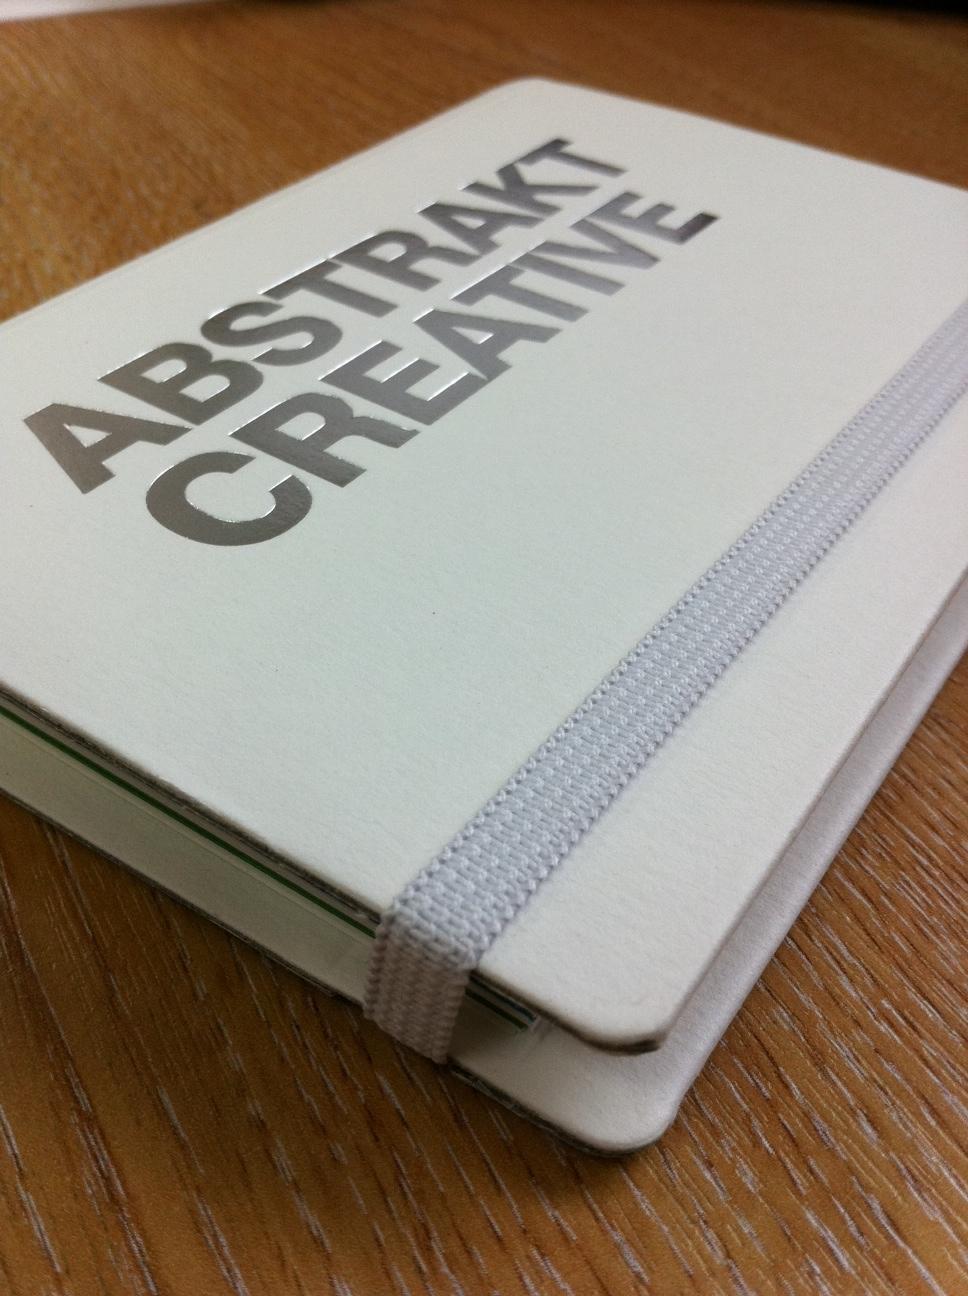 Wunderbar Verdrahtete Abstrakte Designs Ideen - Schaltplan Serie ...